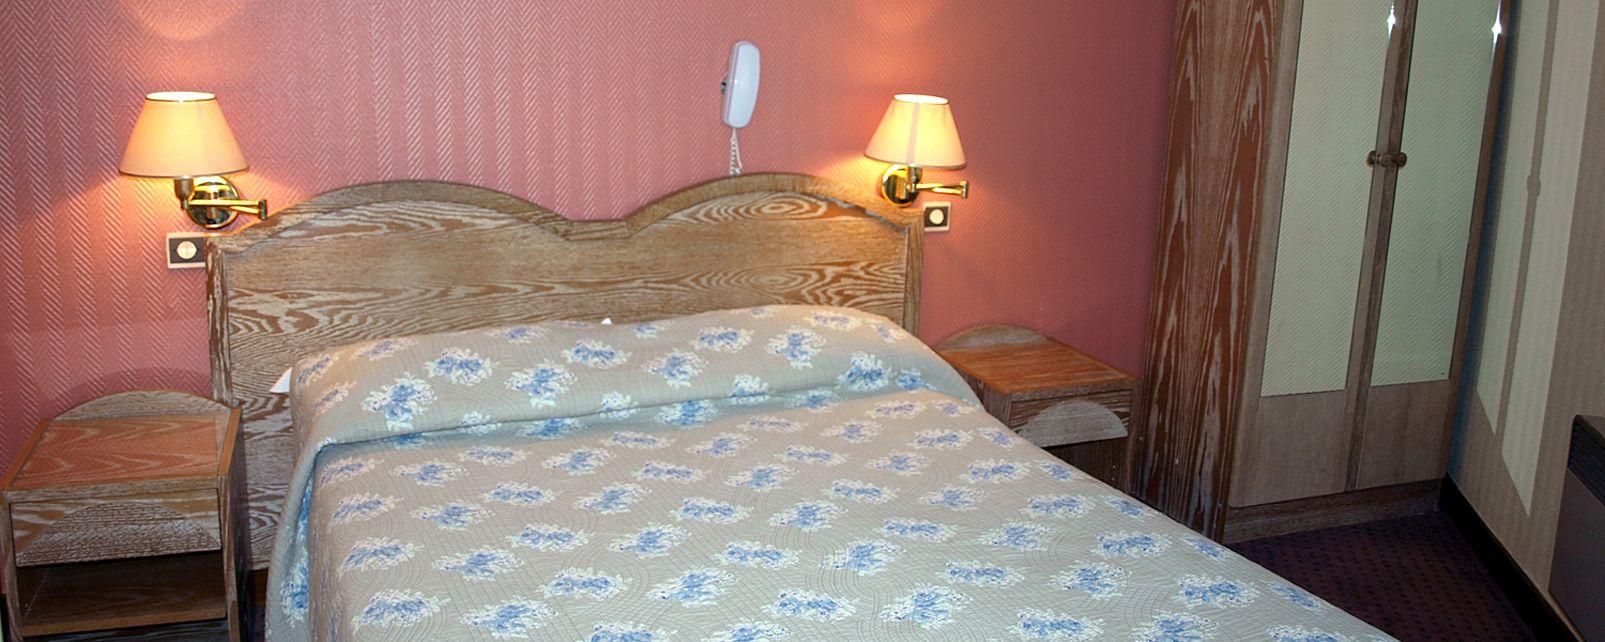 Hotel Europe Liege